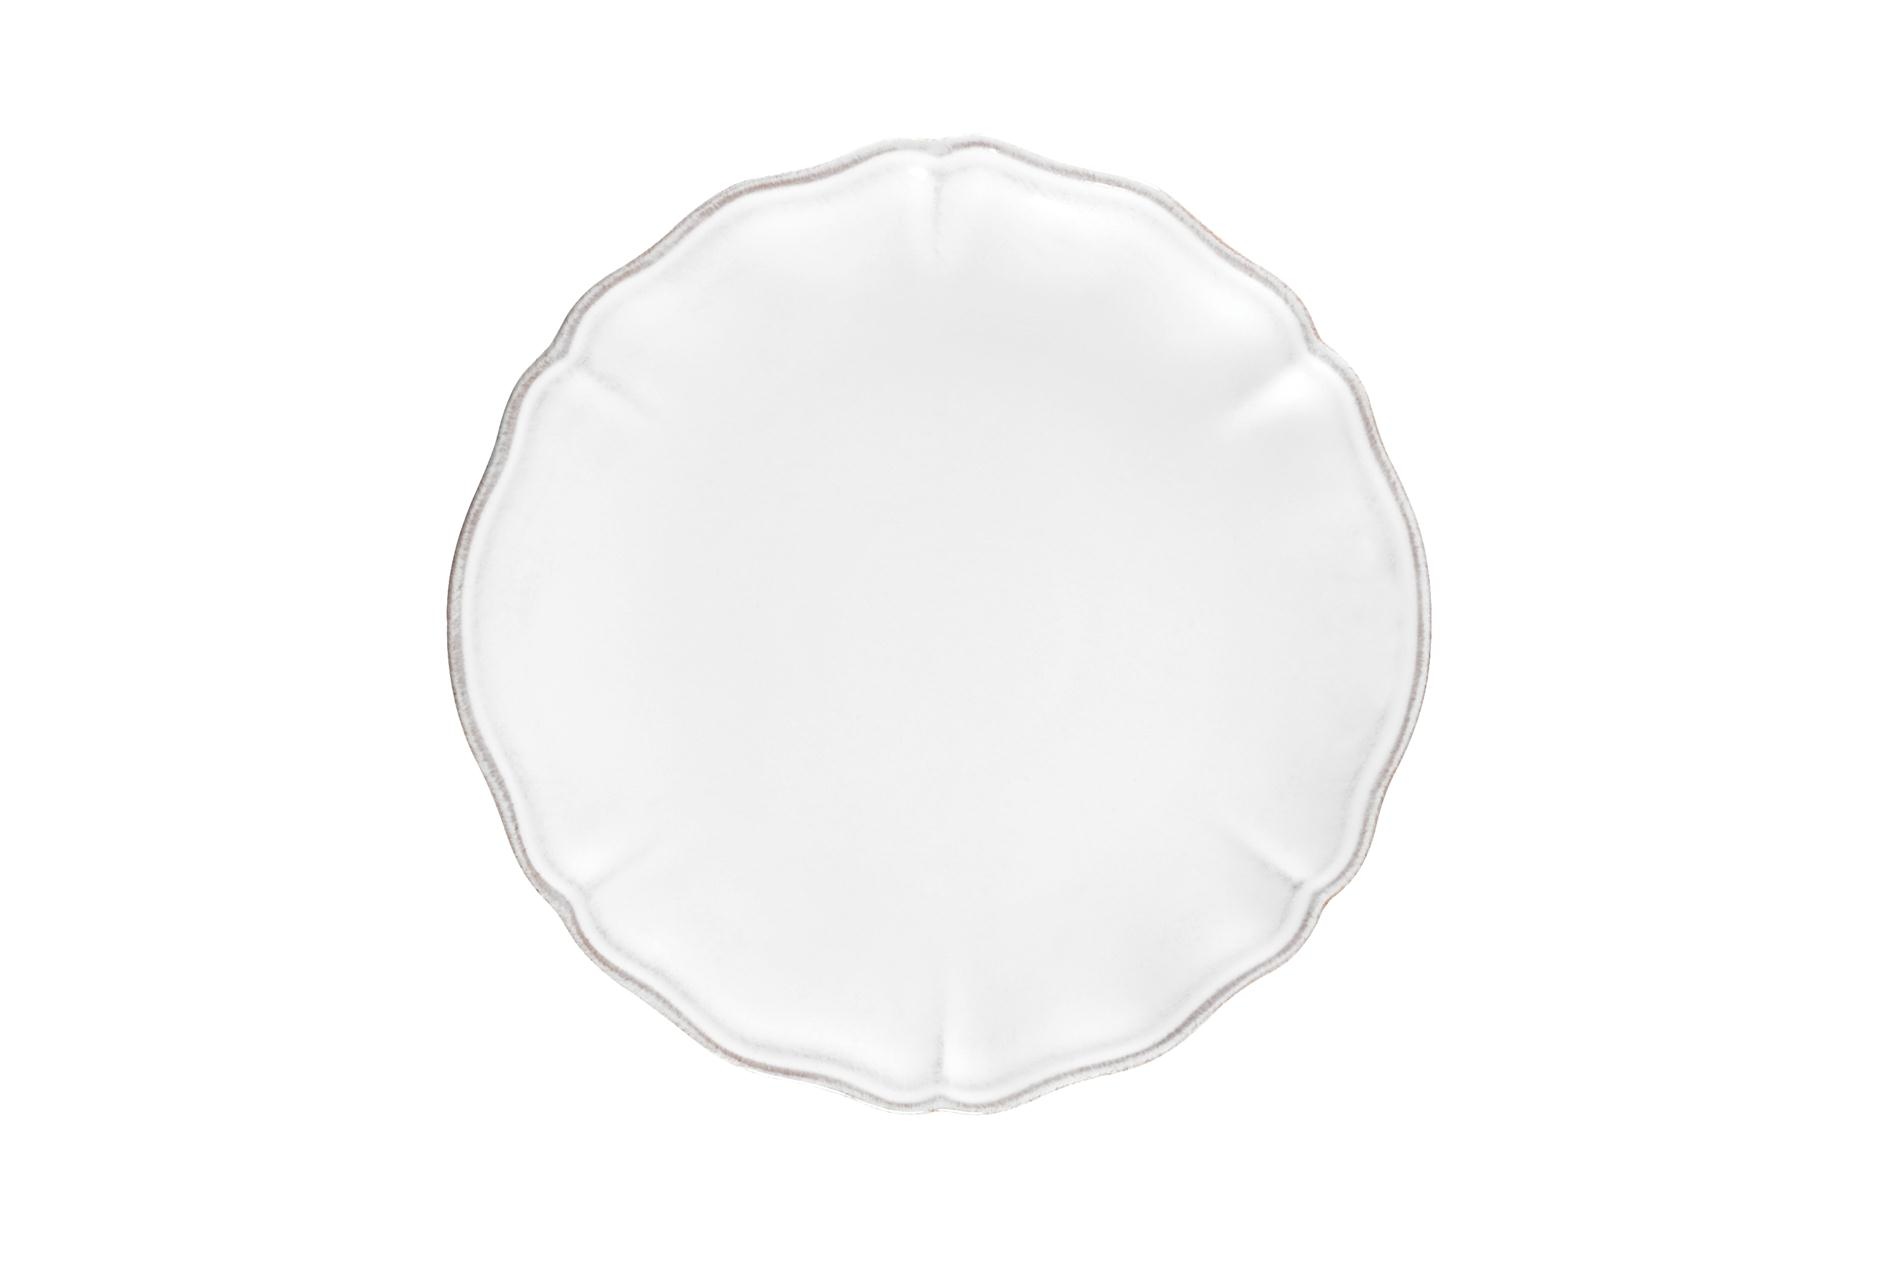 Kuchenteller / Dessertteller  / Salatteller Tejo, weiß, 21 cm